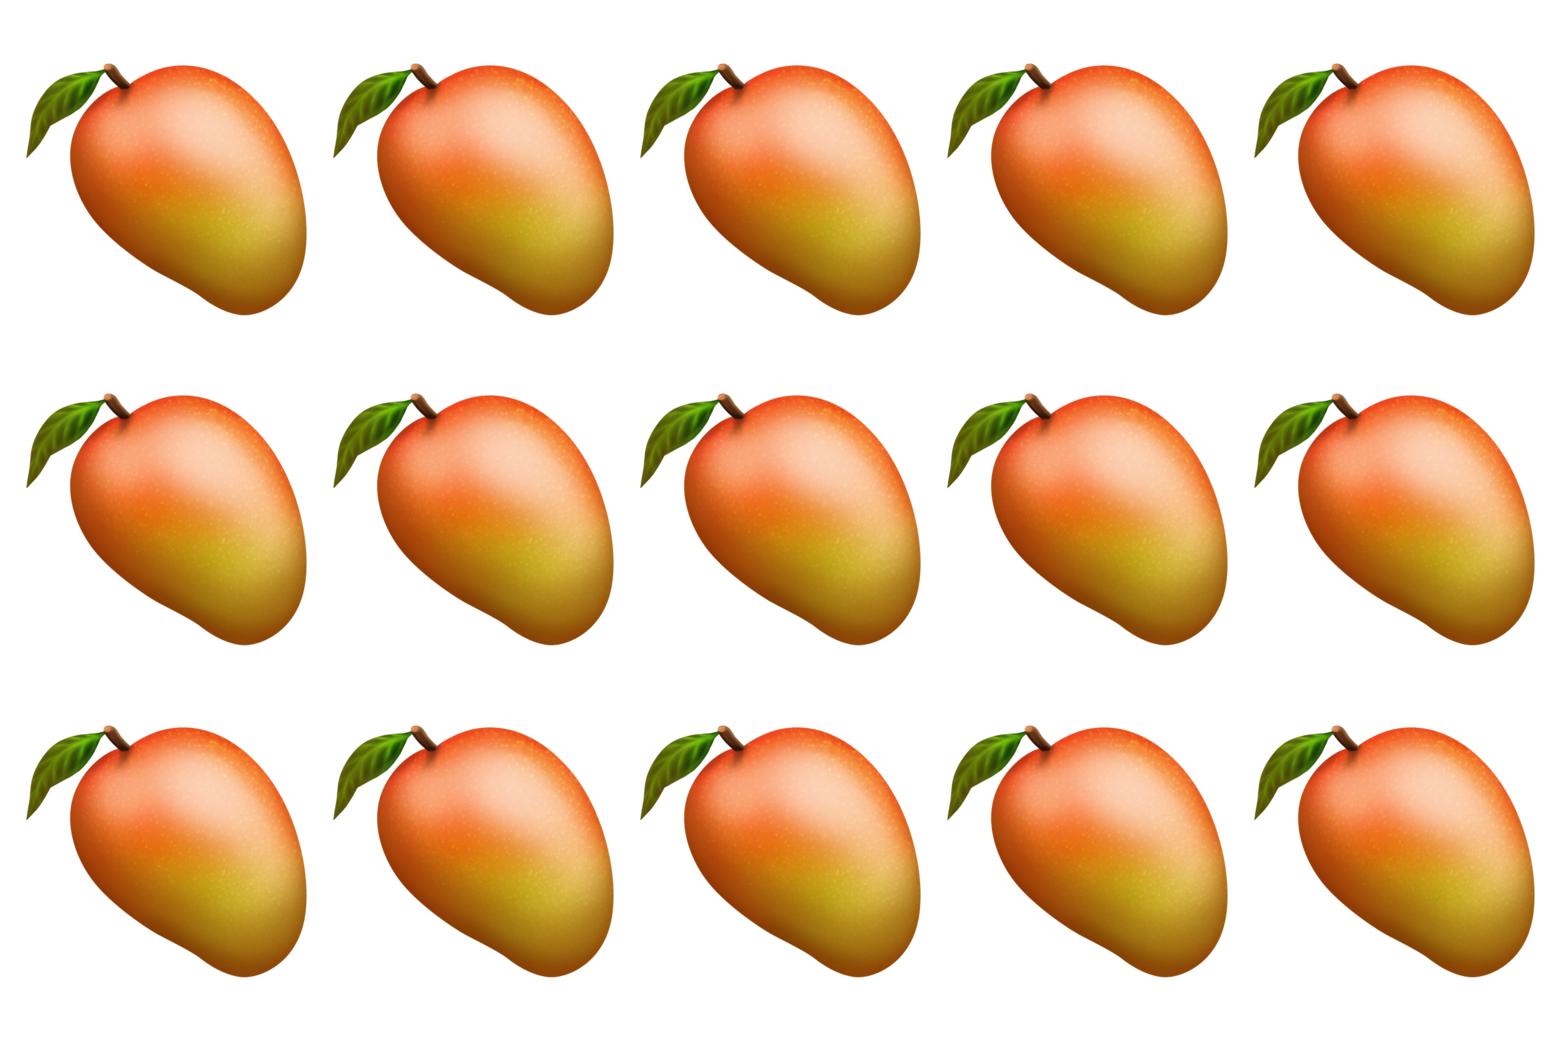 Mango emojis.